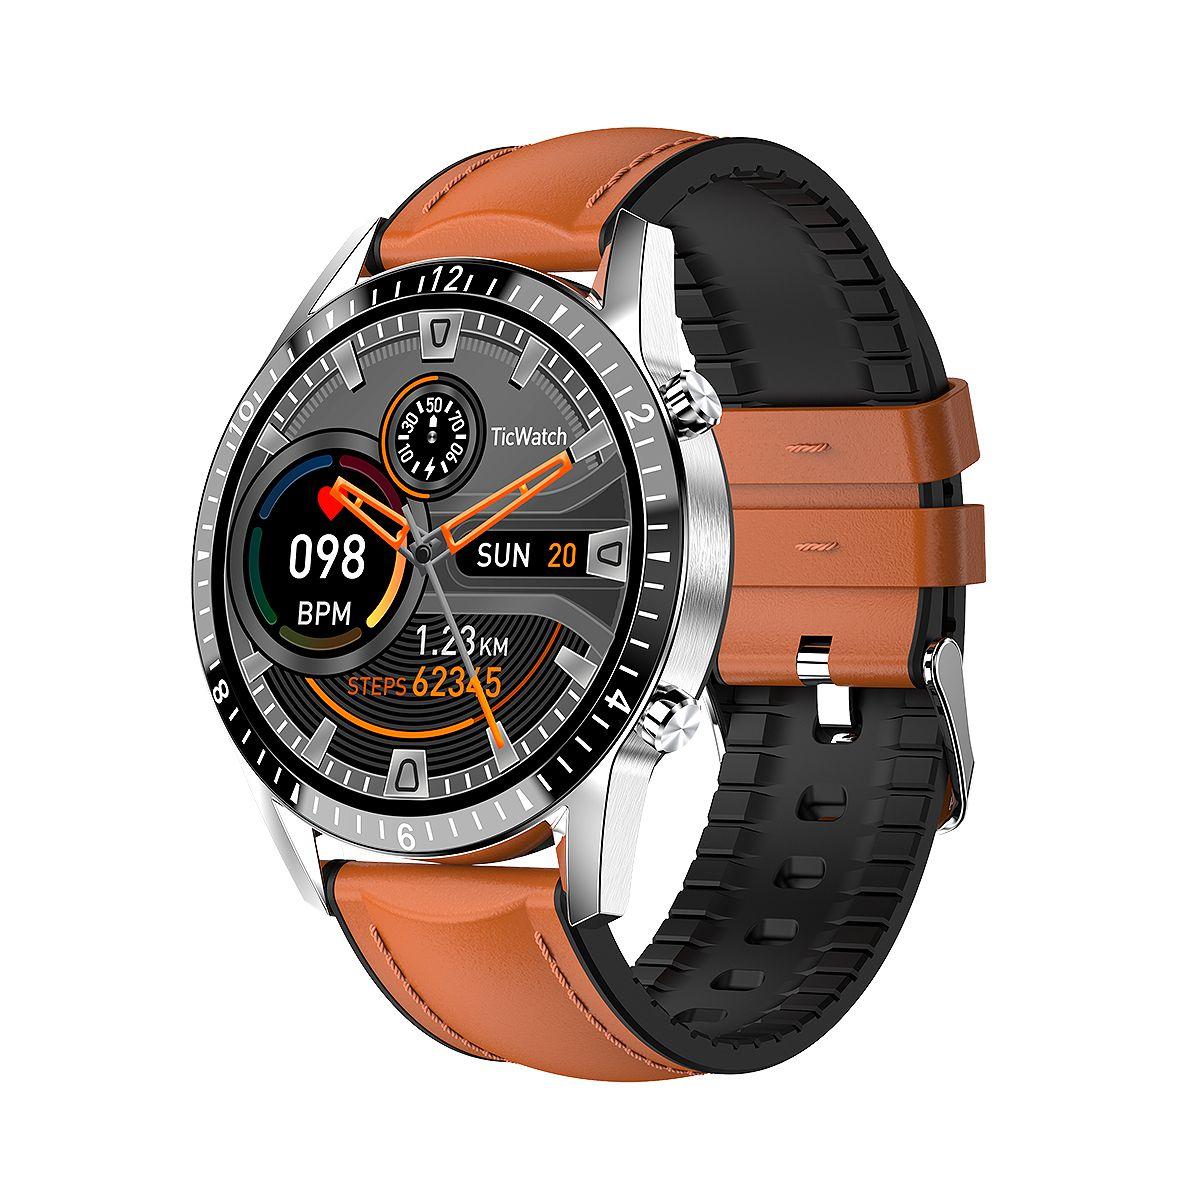 19c99e654f34e529e30cdde7a14fc3c4 Smartwatch Con Oximetro